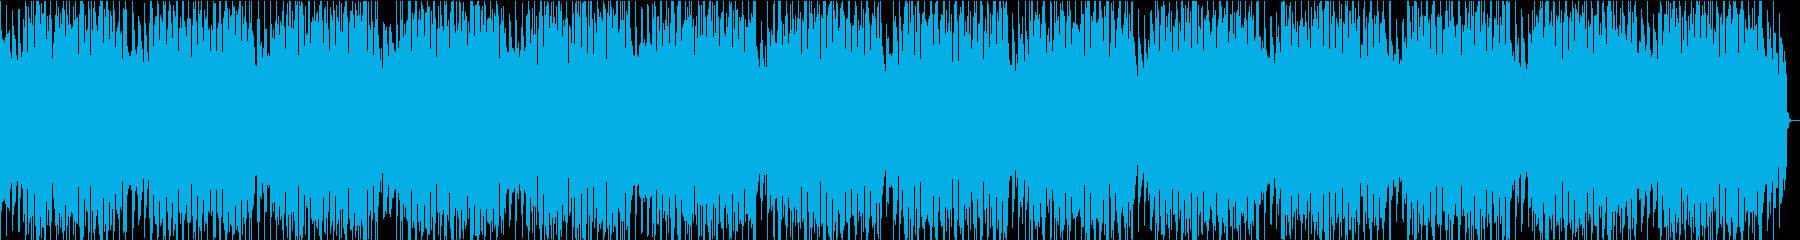 落ち着きある幻想的NeoSoul系BGMの再生済みの波形